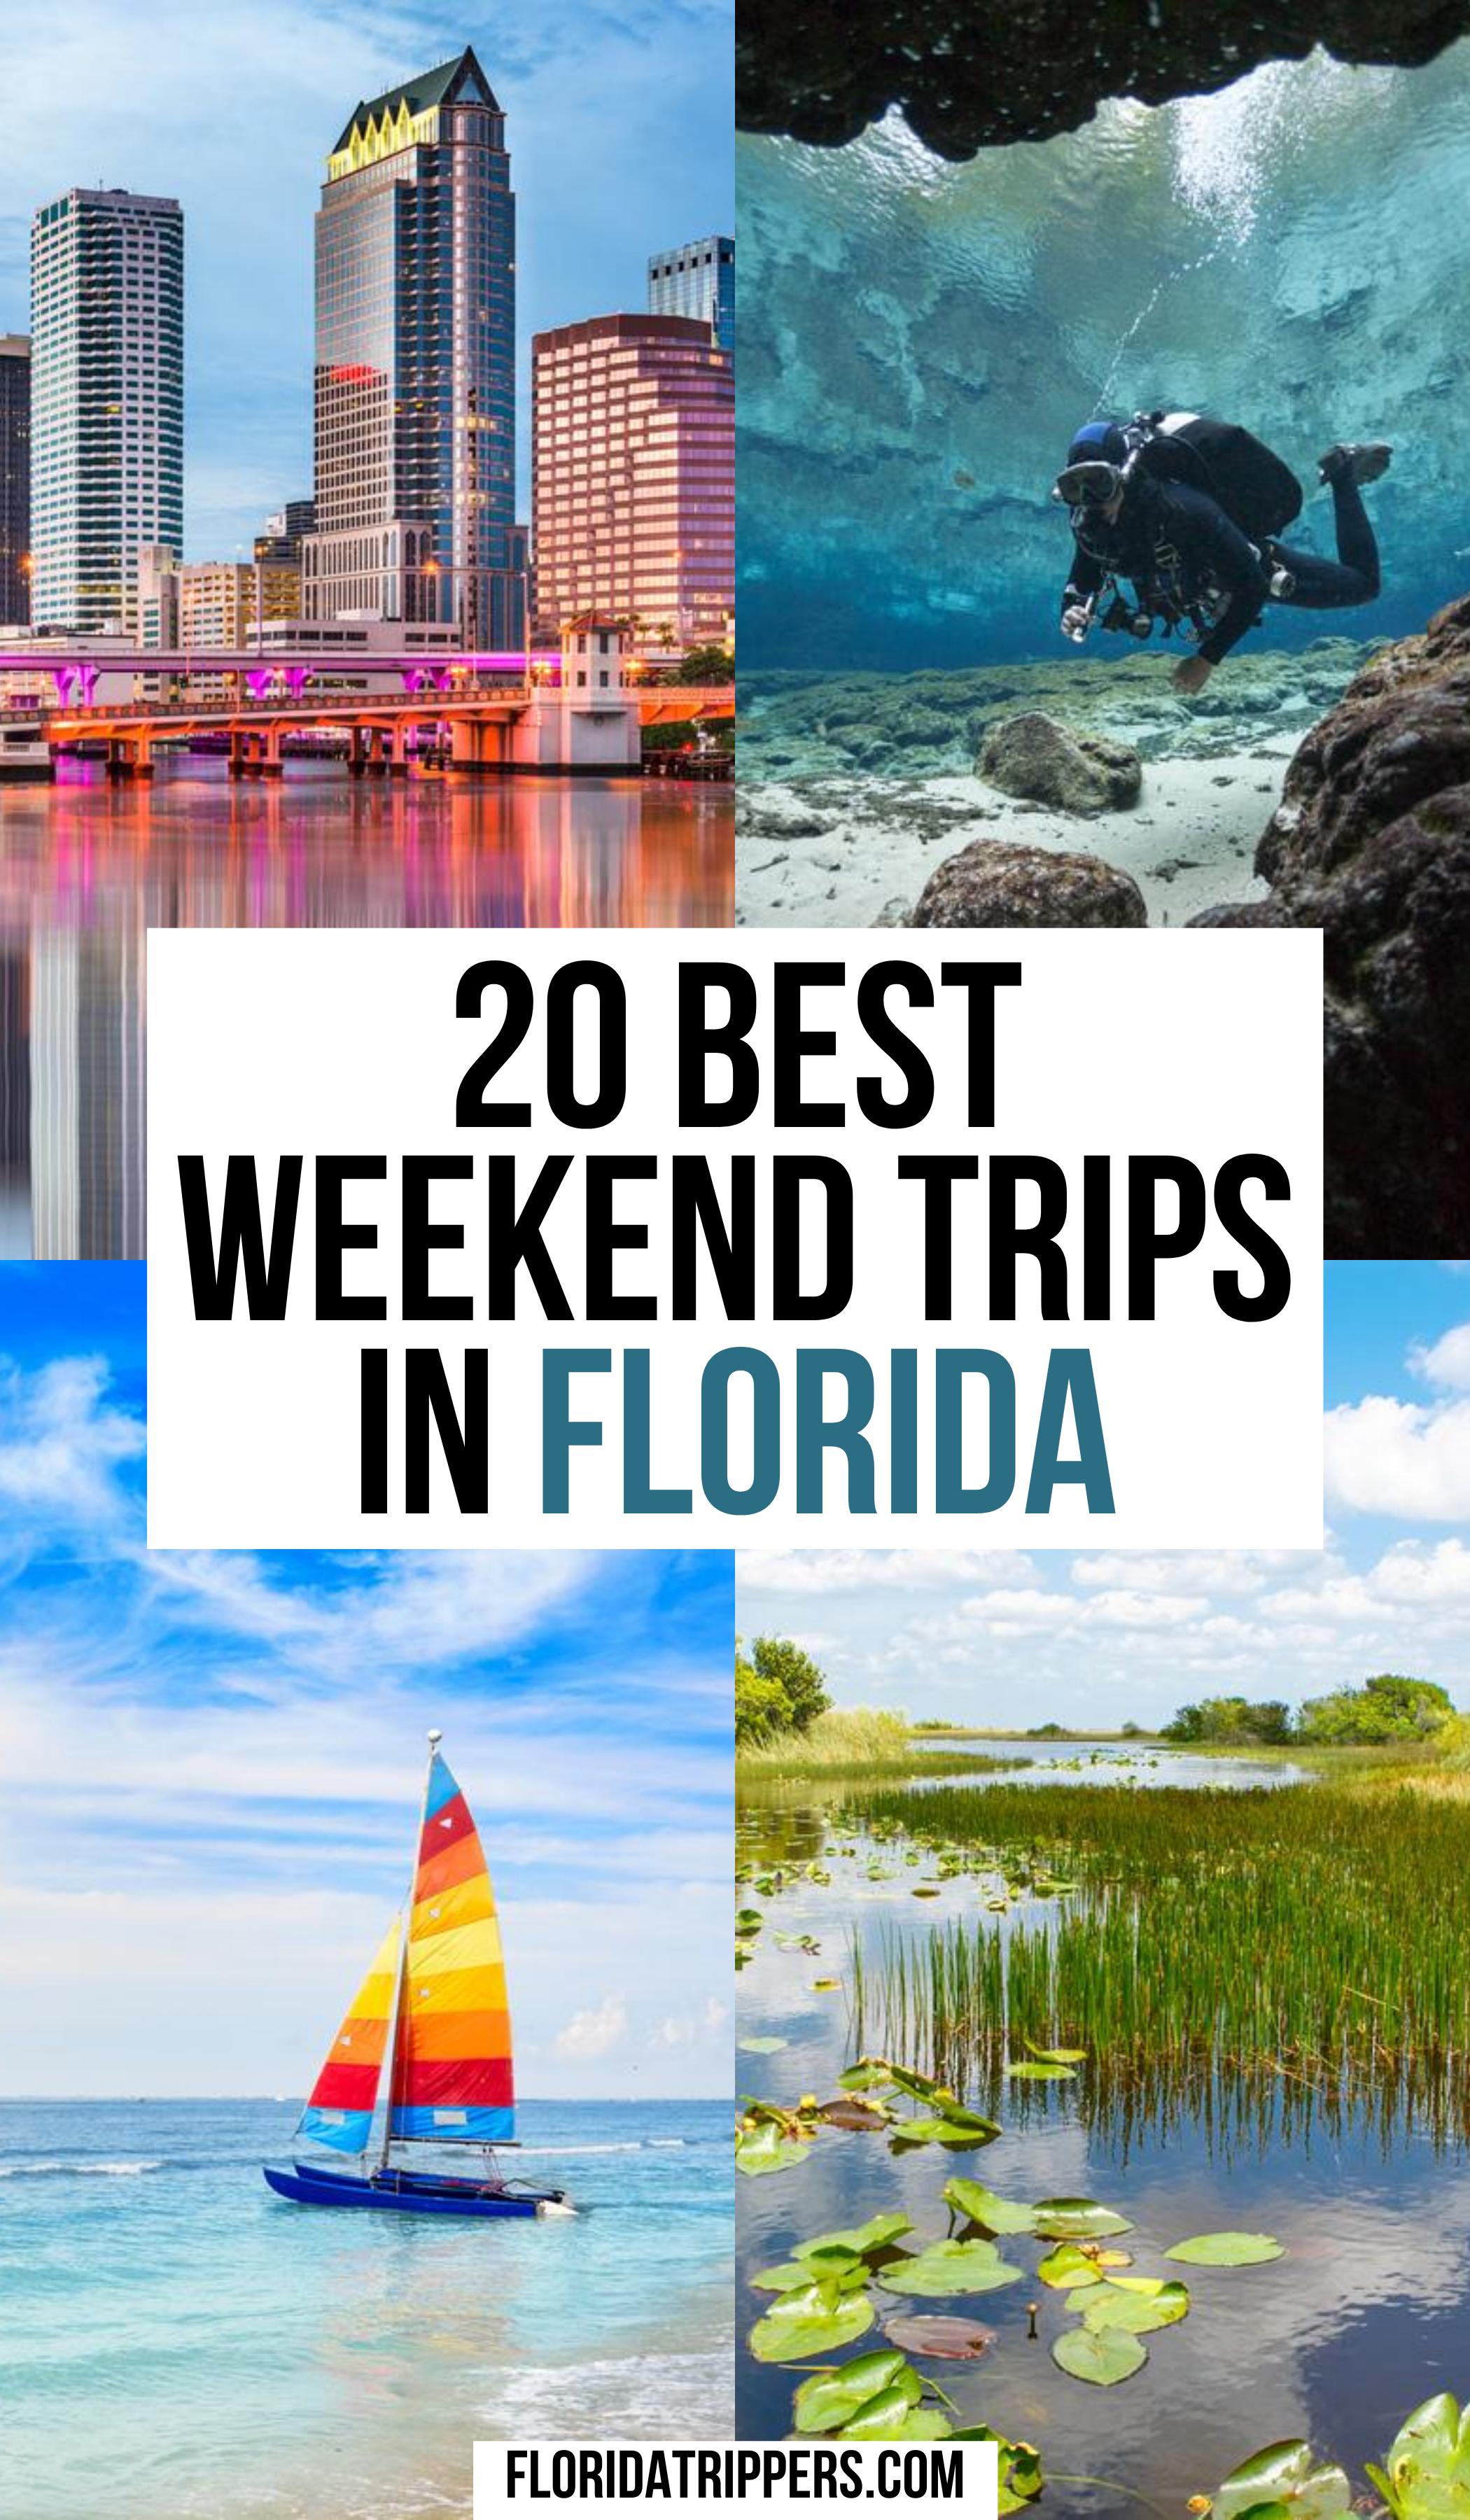 20 Interesting Weekend Getaways In Florida Best Weekend Trips Florida Travel Destinations Florida Travel